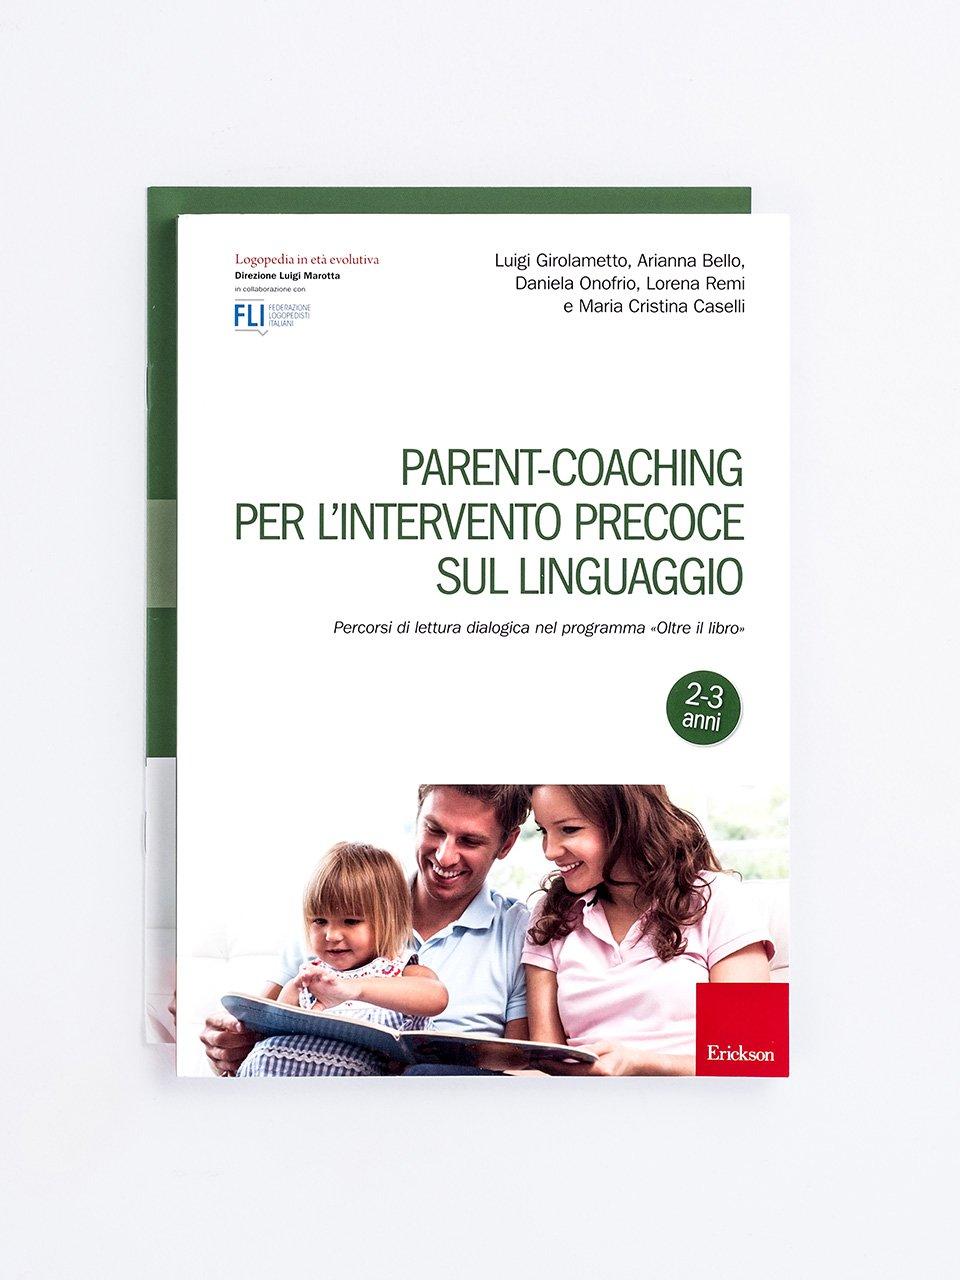 Parent-coaching per l'intervento precoce sul linguaggio - Logopedia e comunicazione - Riviste - Erickson